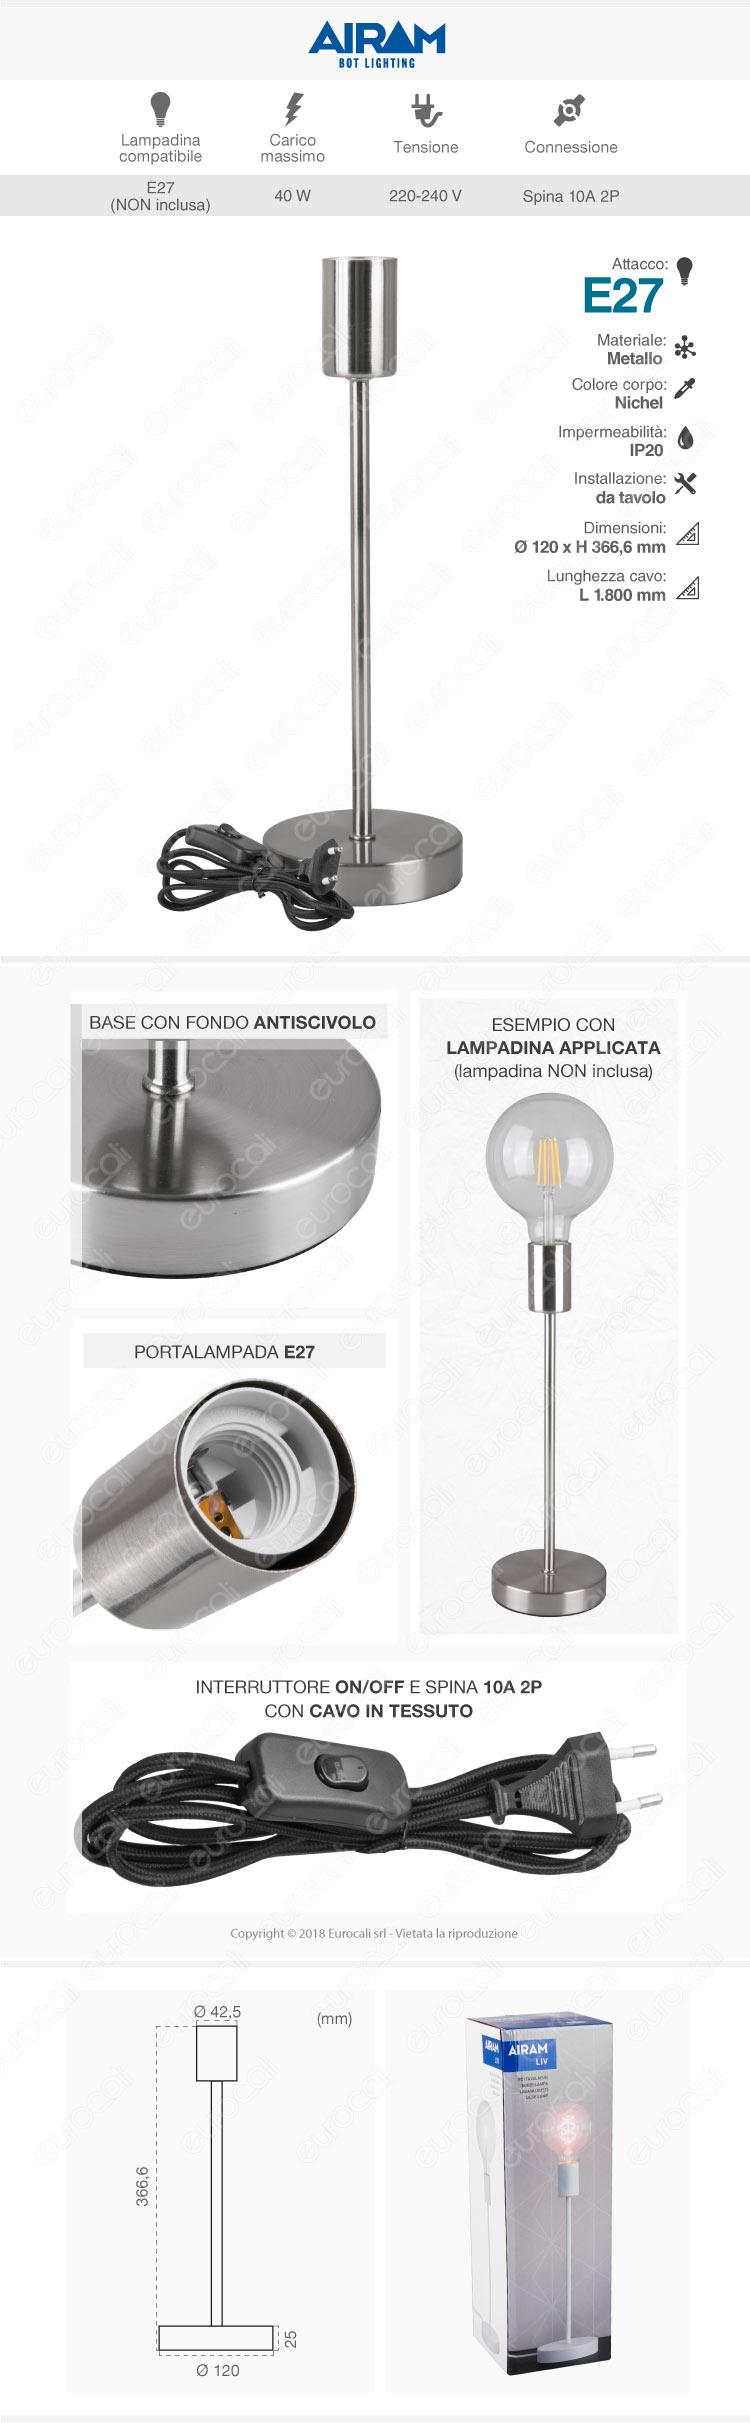 Airam Bot Lighting LIV Lampada da Tavolo con Portalampada per Lampadine E27 Colore Nichel 36cm - mod. 4126246